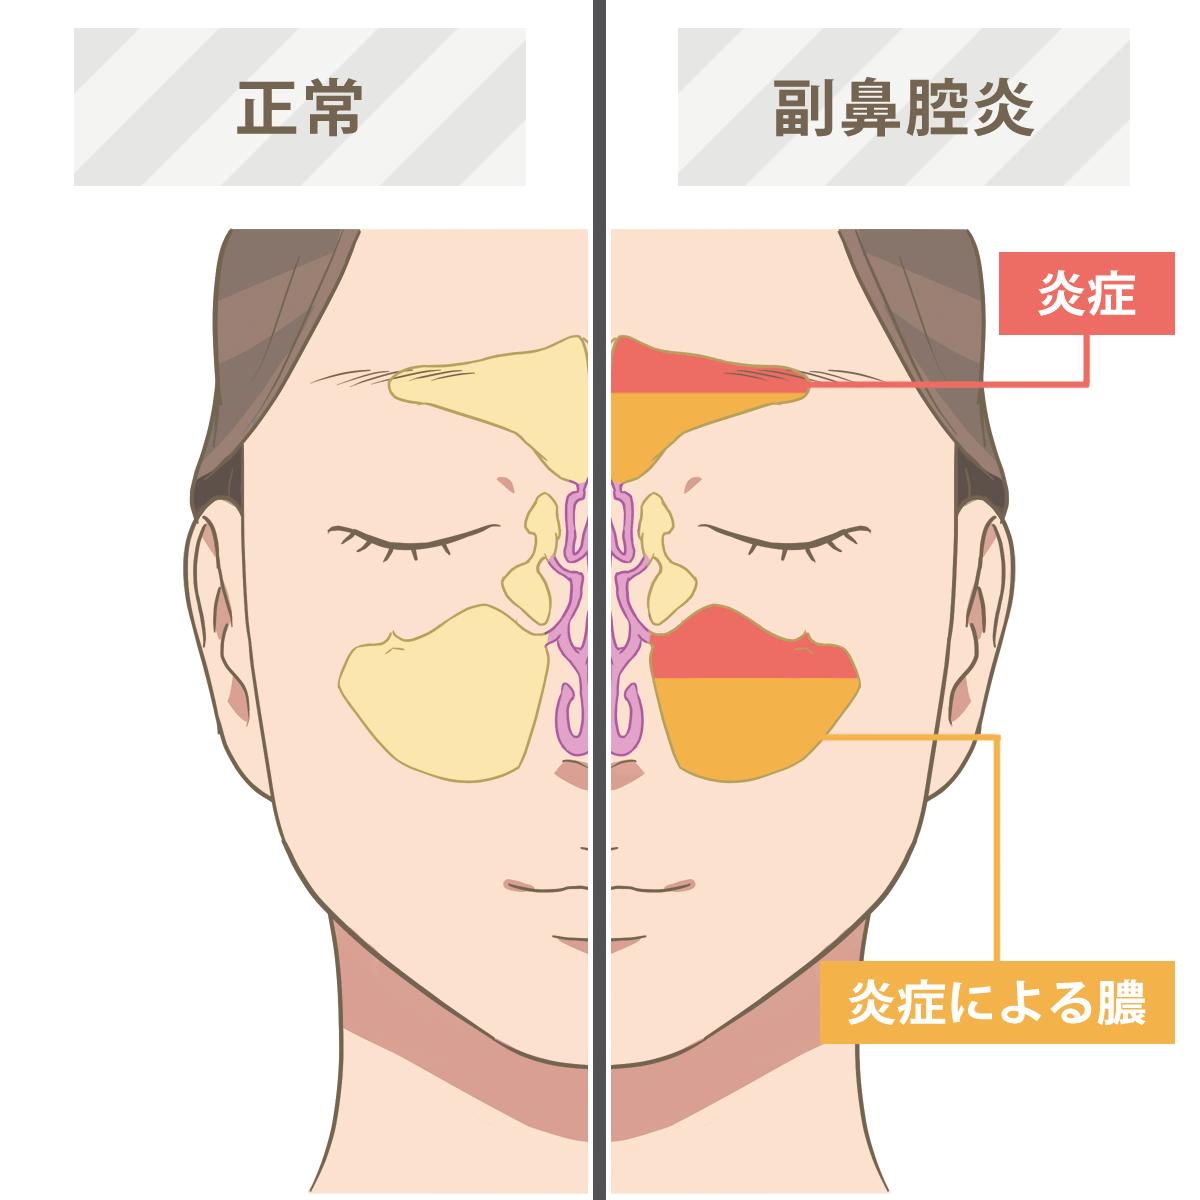 頭痛 炎 副 鼻腔